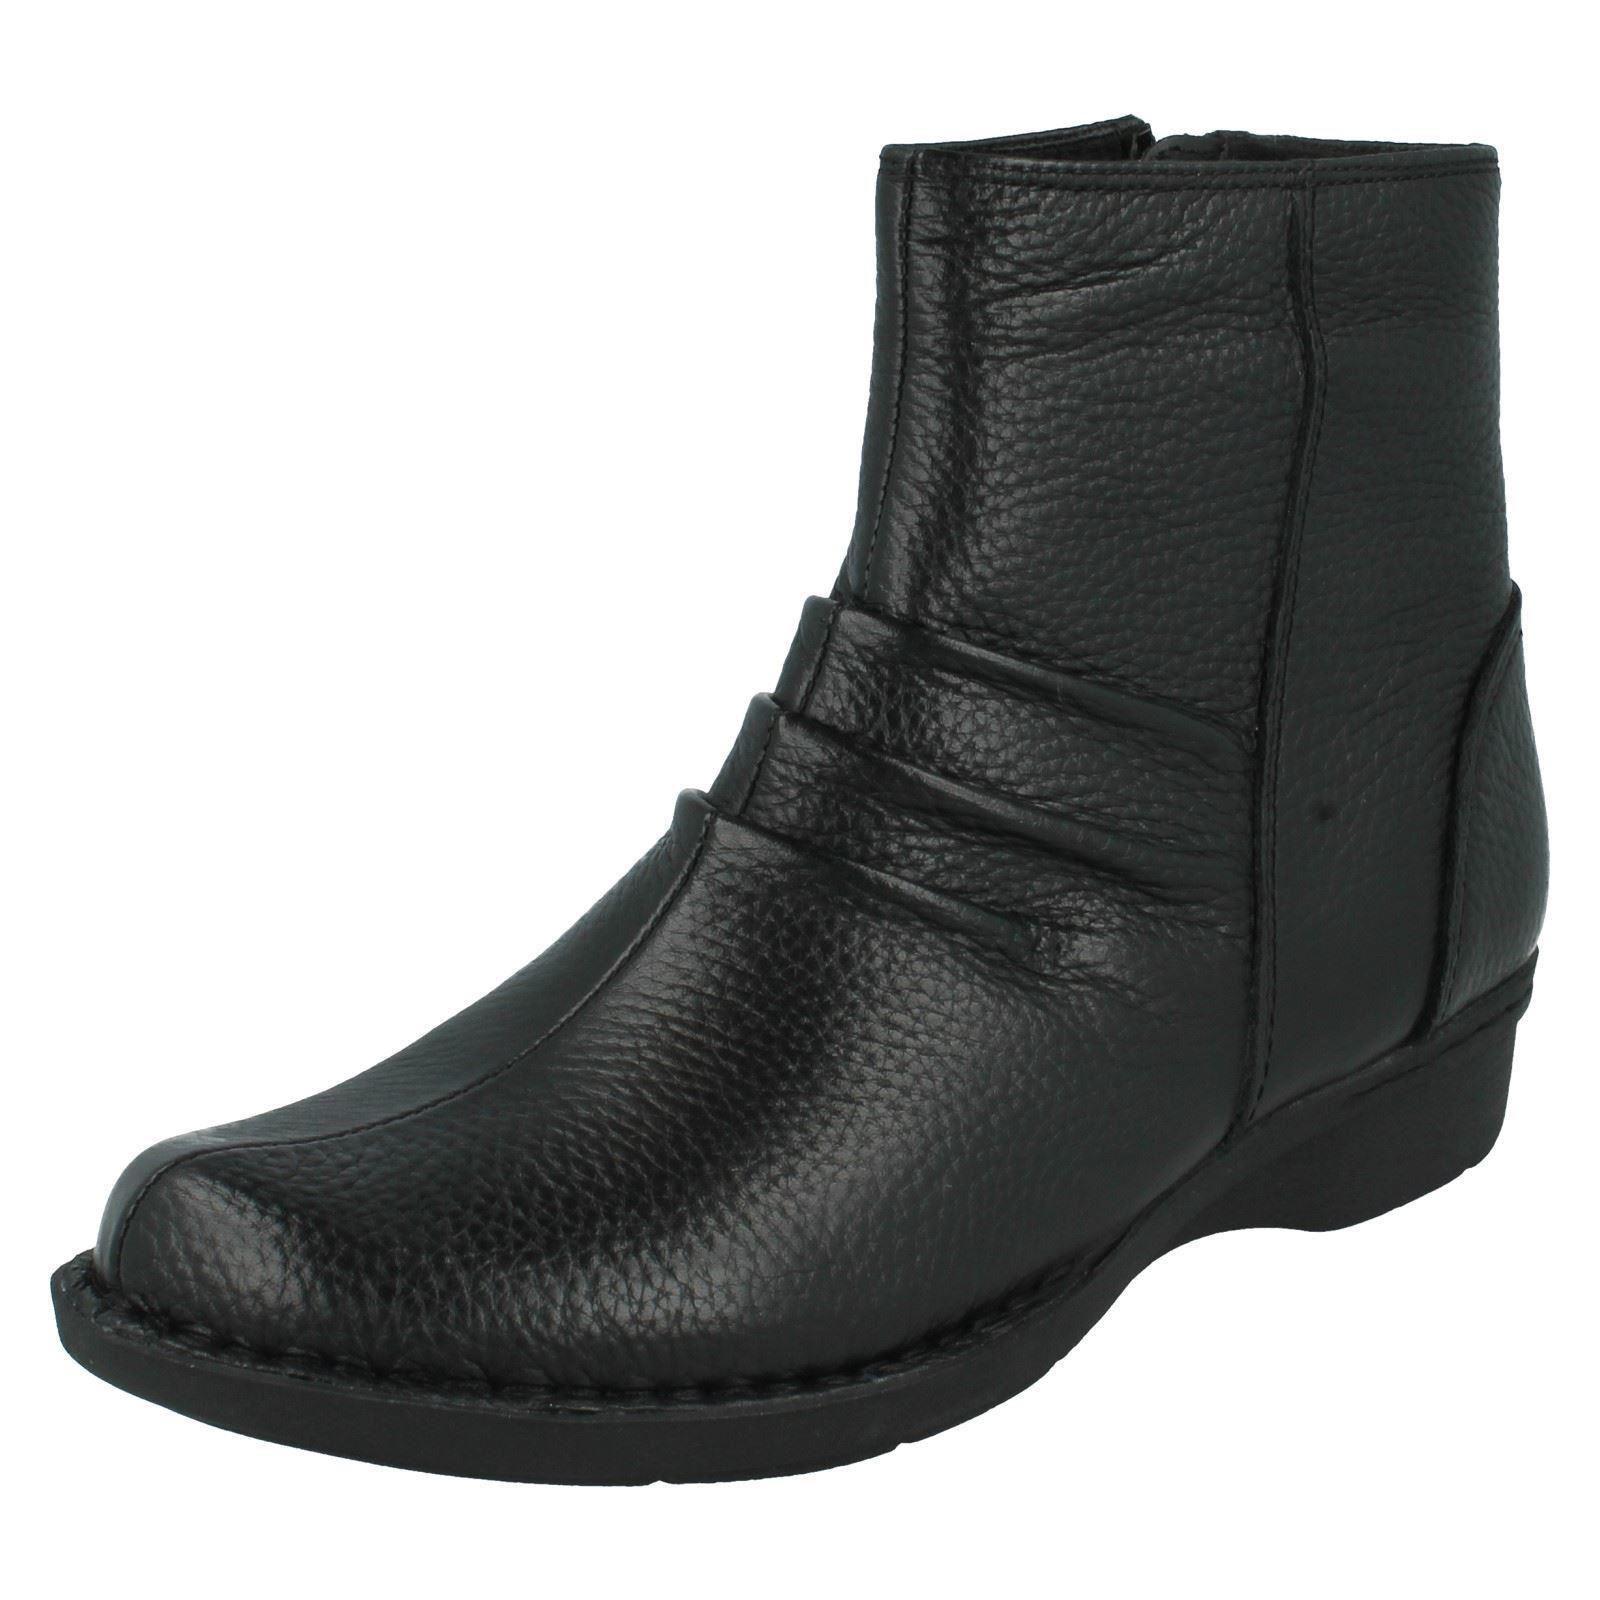 mesdames clarks bottines style style bottines  argent sifflet 047da9